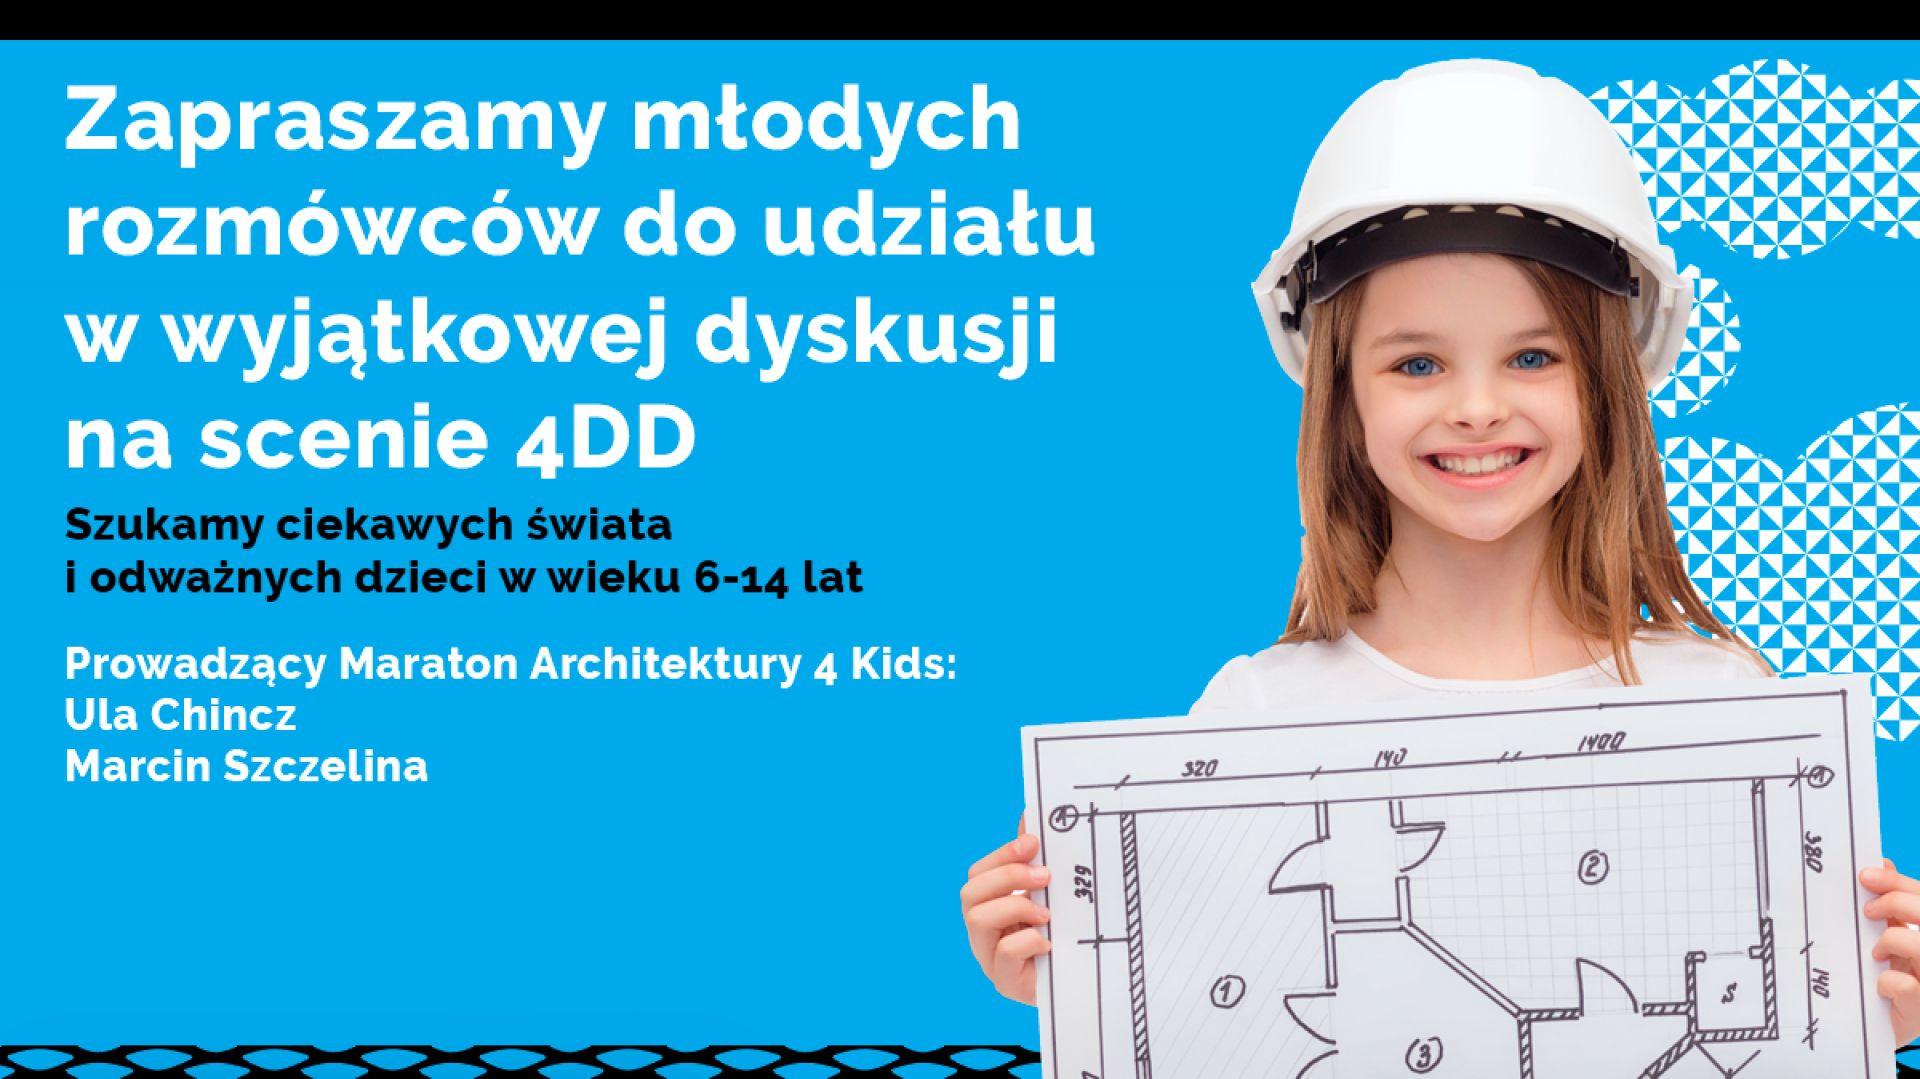 27 stycznia w trakcie Dni Otwartych 4 Design Days odbędzie się jedyna w swoim rodzaju dyskusja z udziałem dzieci.